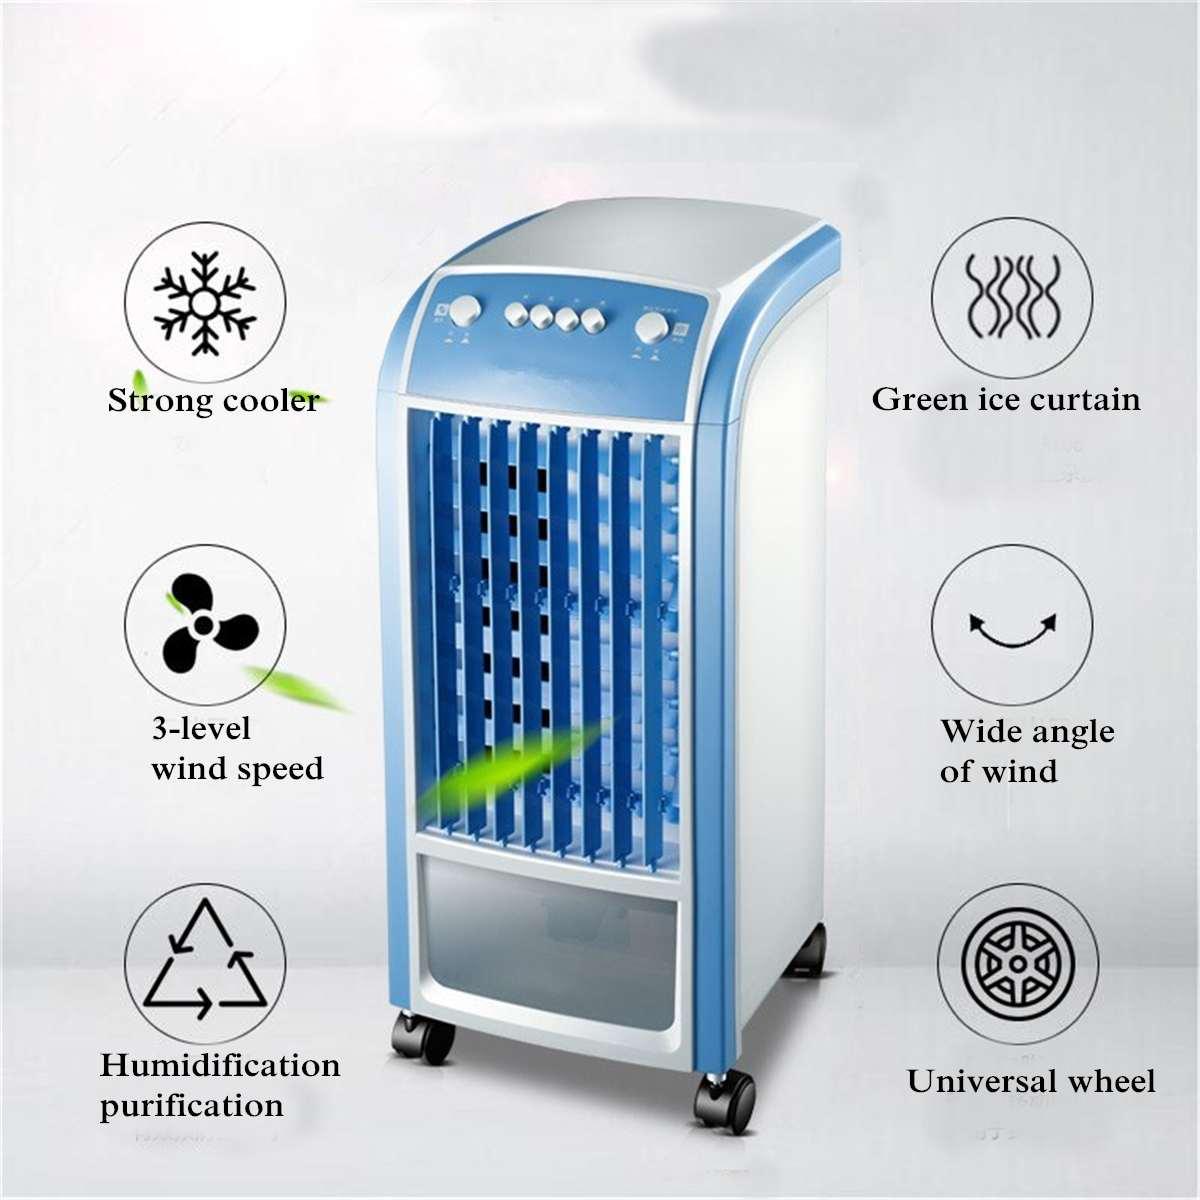 Refrigerador de Ar portátil Unidade 4L 80 W & Swing Condicionado Ventilador De Fluxo De Controle Remoto Casa Refrigerador de Ar Evaporativo Do Ar Condicionado fã